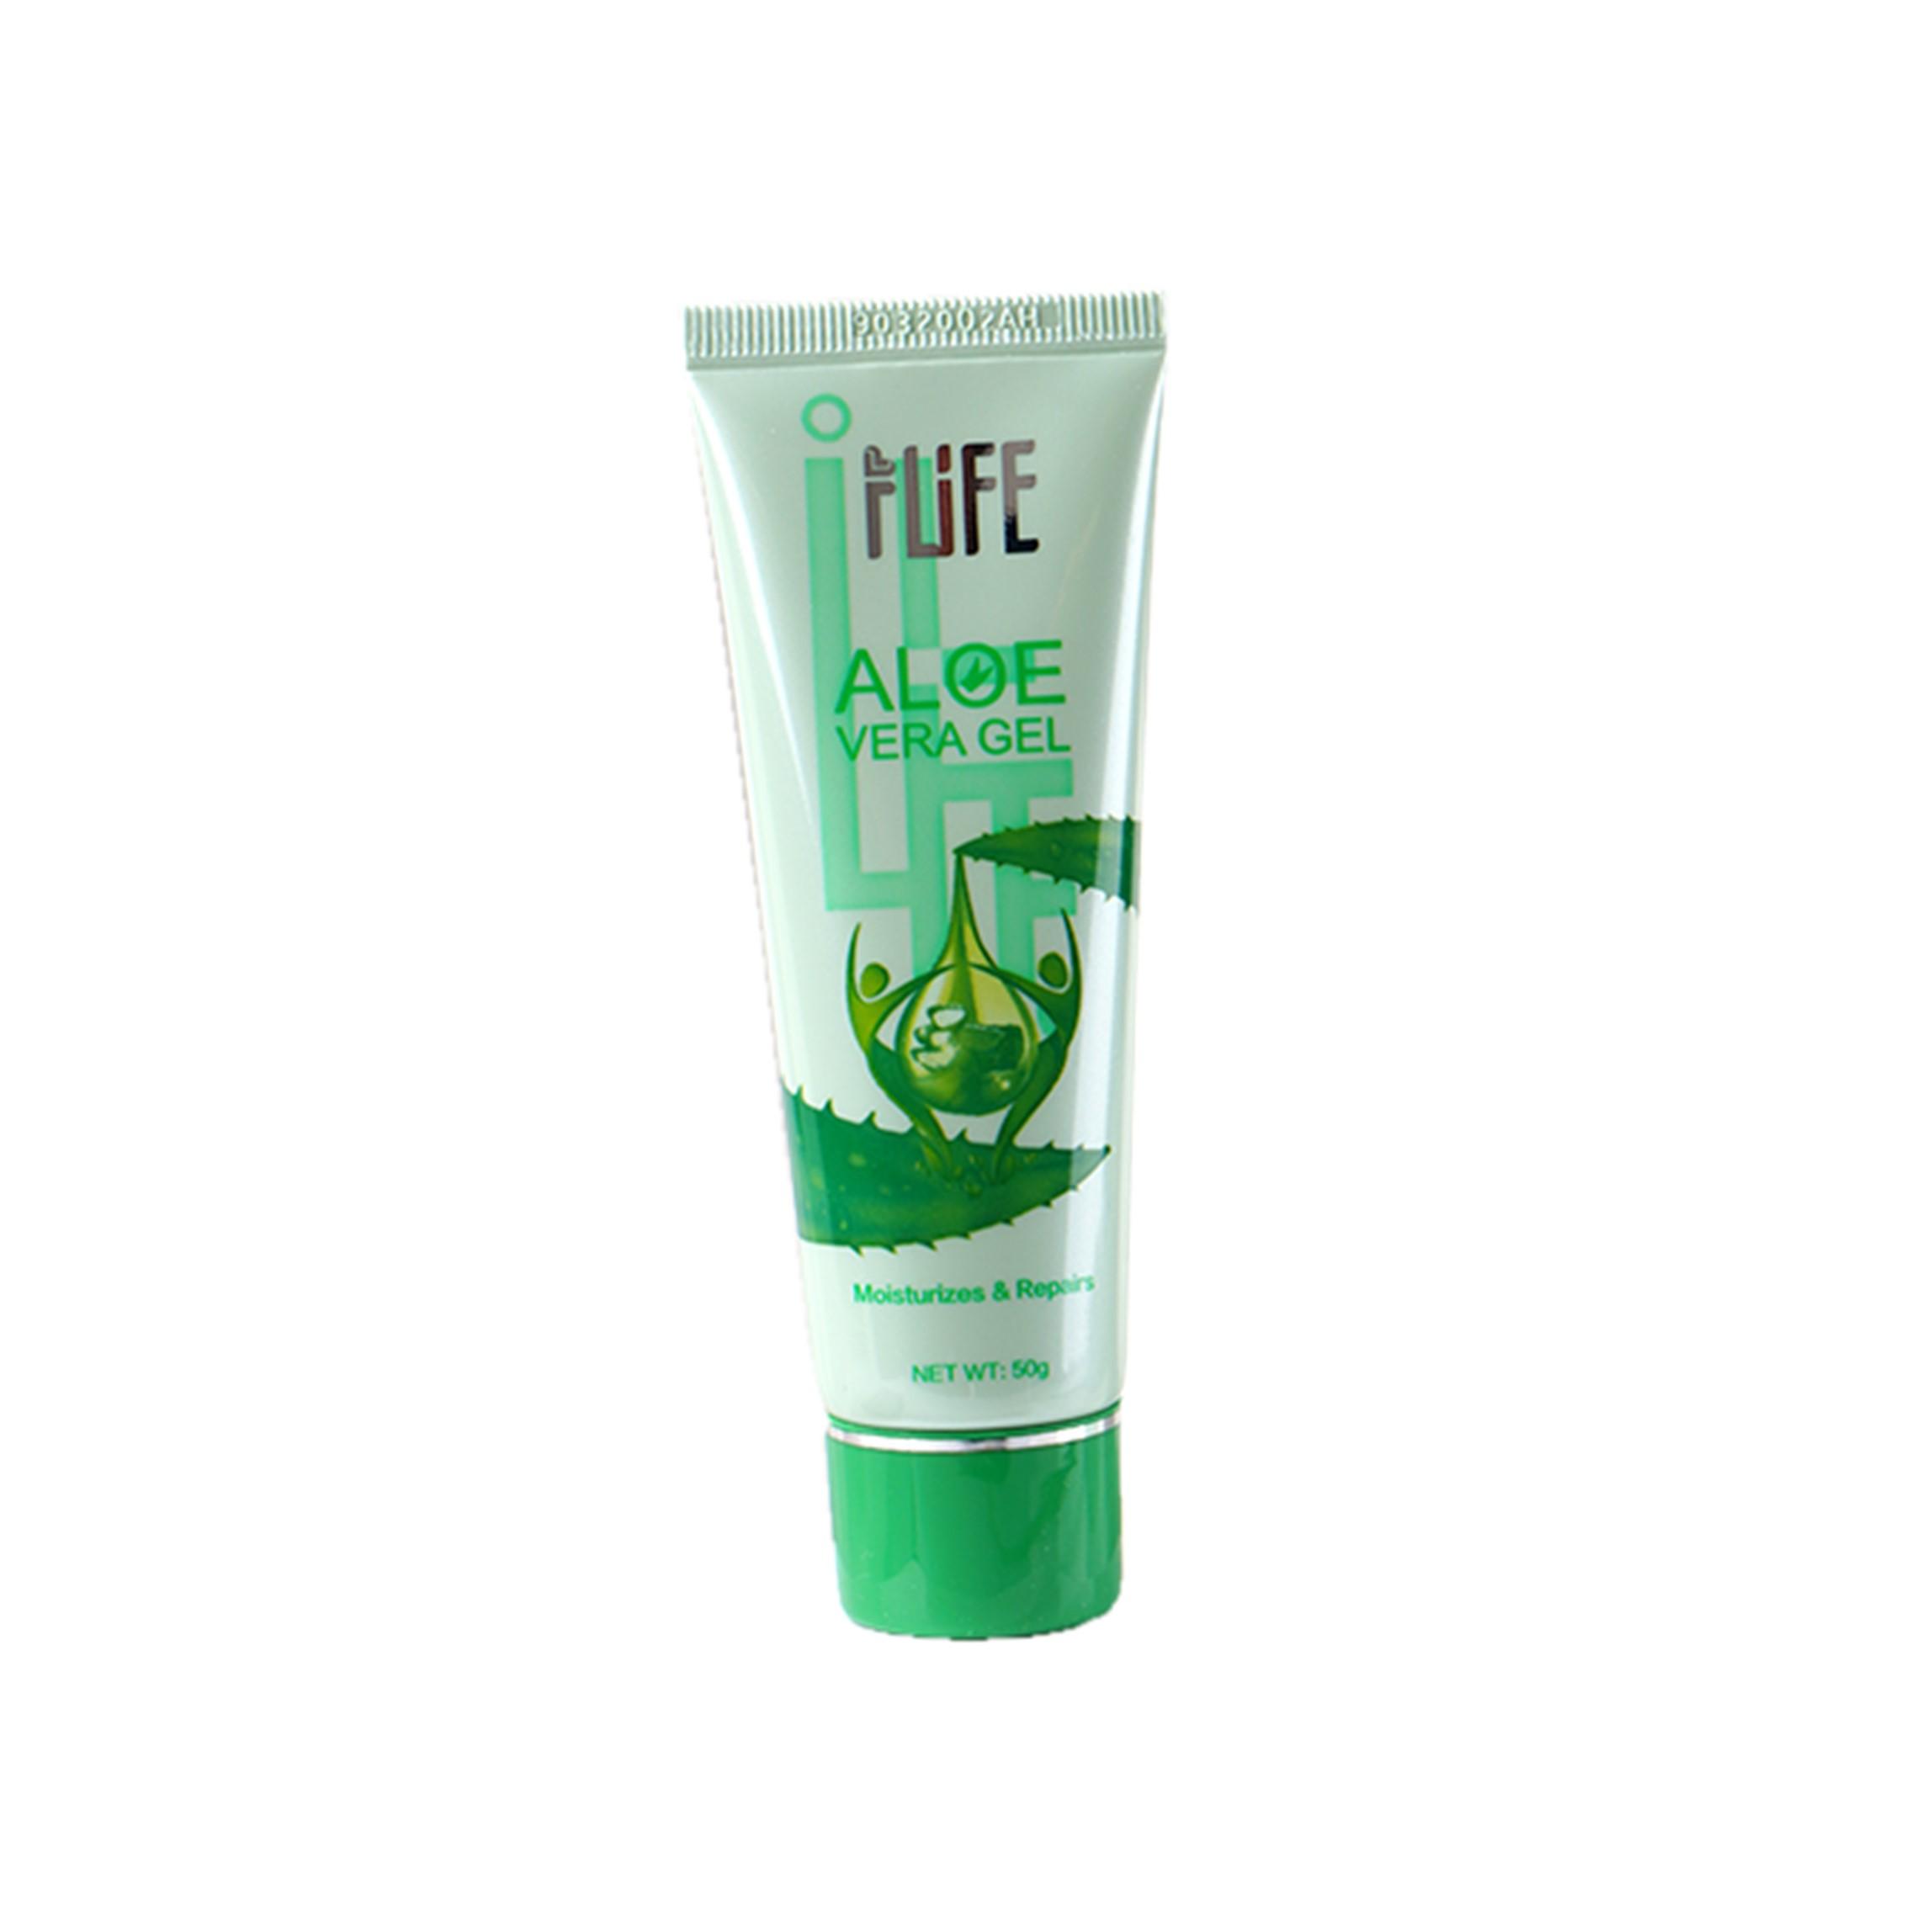 iLiFE Aloe Vera Gel 50g  (60pcs/Ctn)